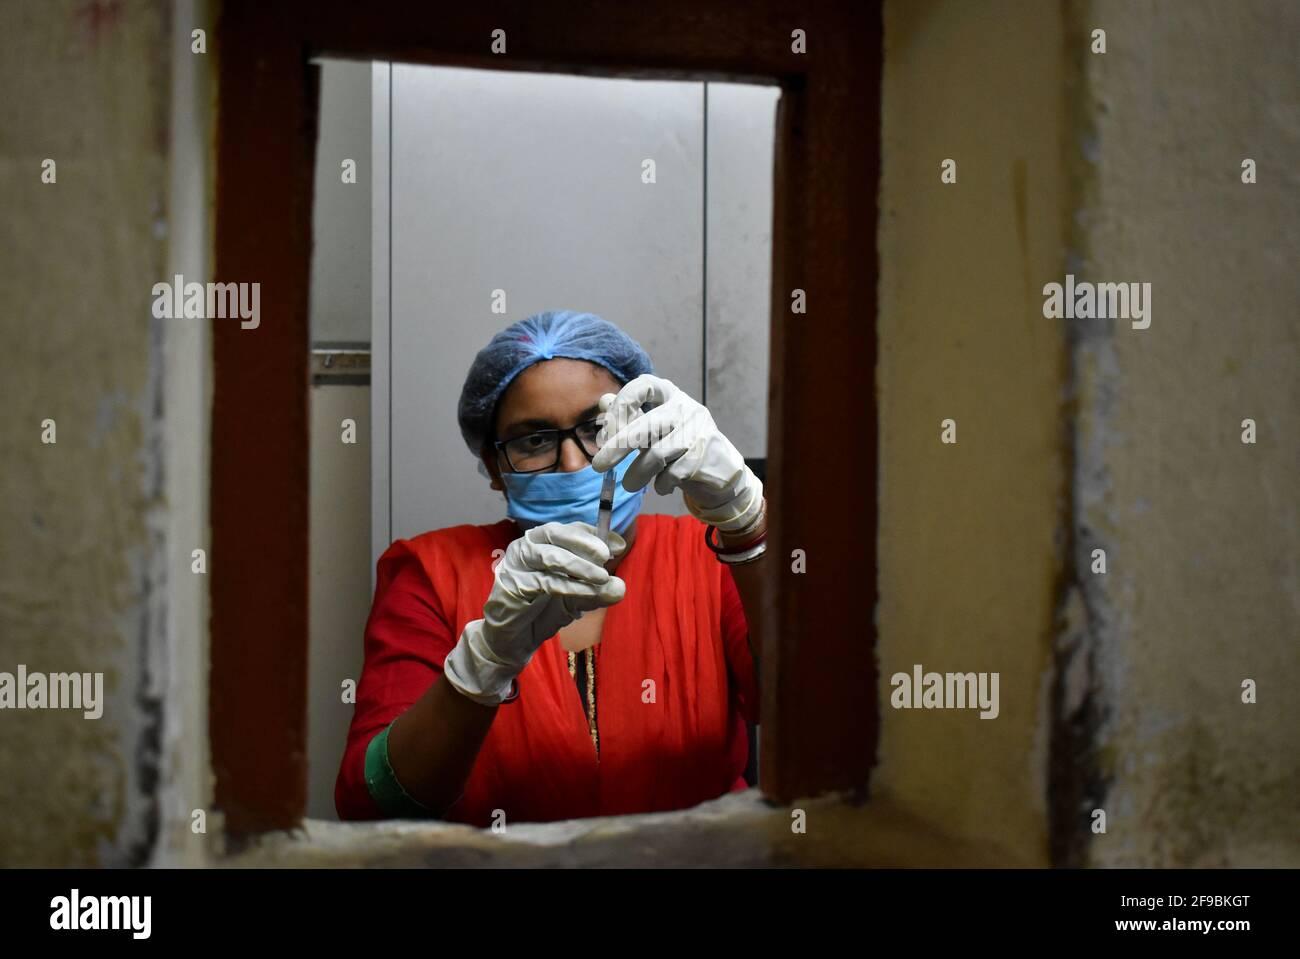 Kalkutta, Indien. April 2021. Ein Gesundheitsmitarbeiter bereitet in einem Impflager im Gesundheitszentrum der Regierung des Bundesstaates Westbengalen in Kalkutta einen COVAXIN-Impfstoff vor. (Foto von Sudipta das/Pacific Press) Quelle: Pacific Press Media Production Corp./Alamy Live News Stockfoto